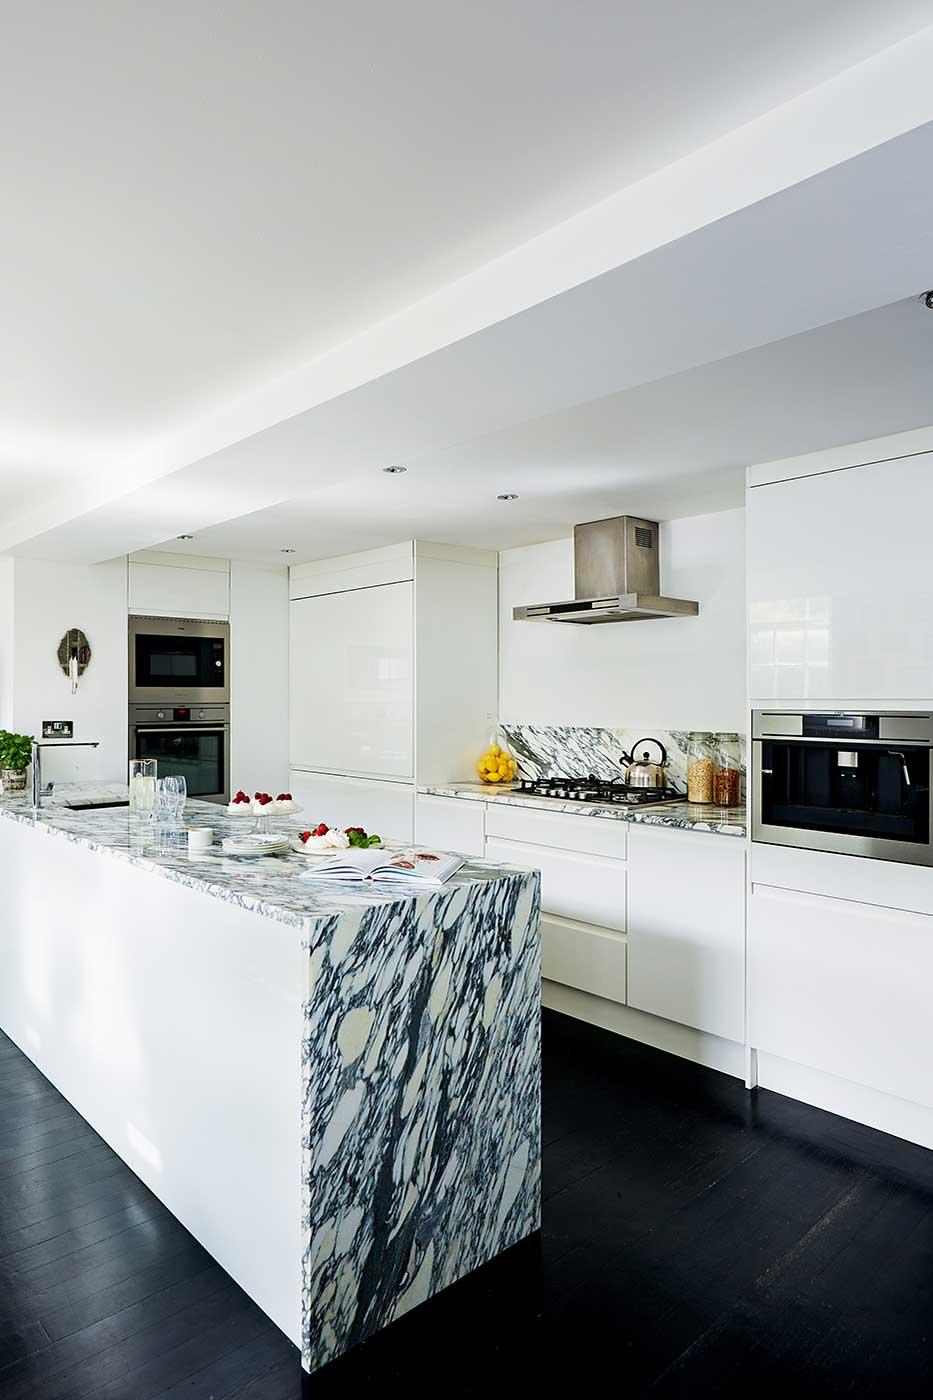 paugh-loft-kitchen-counters